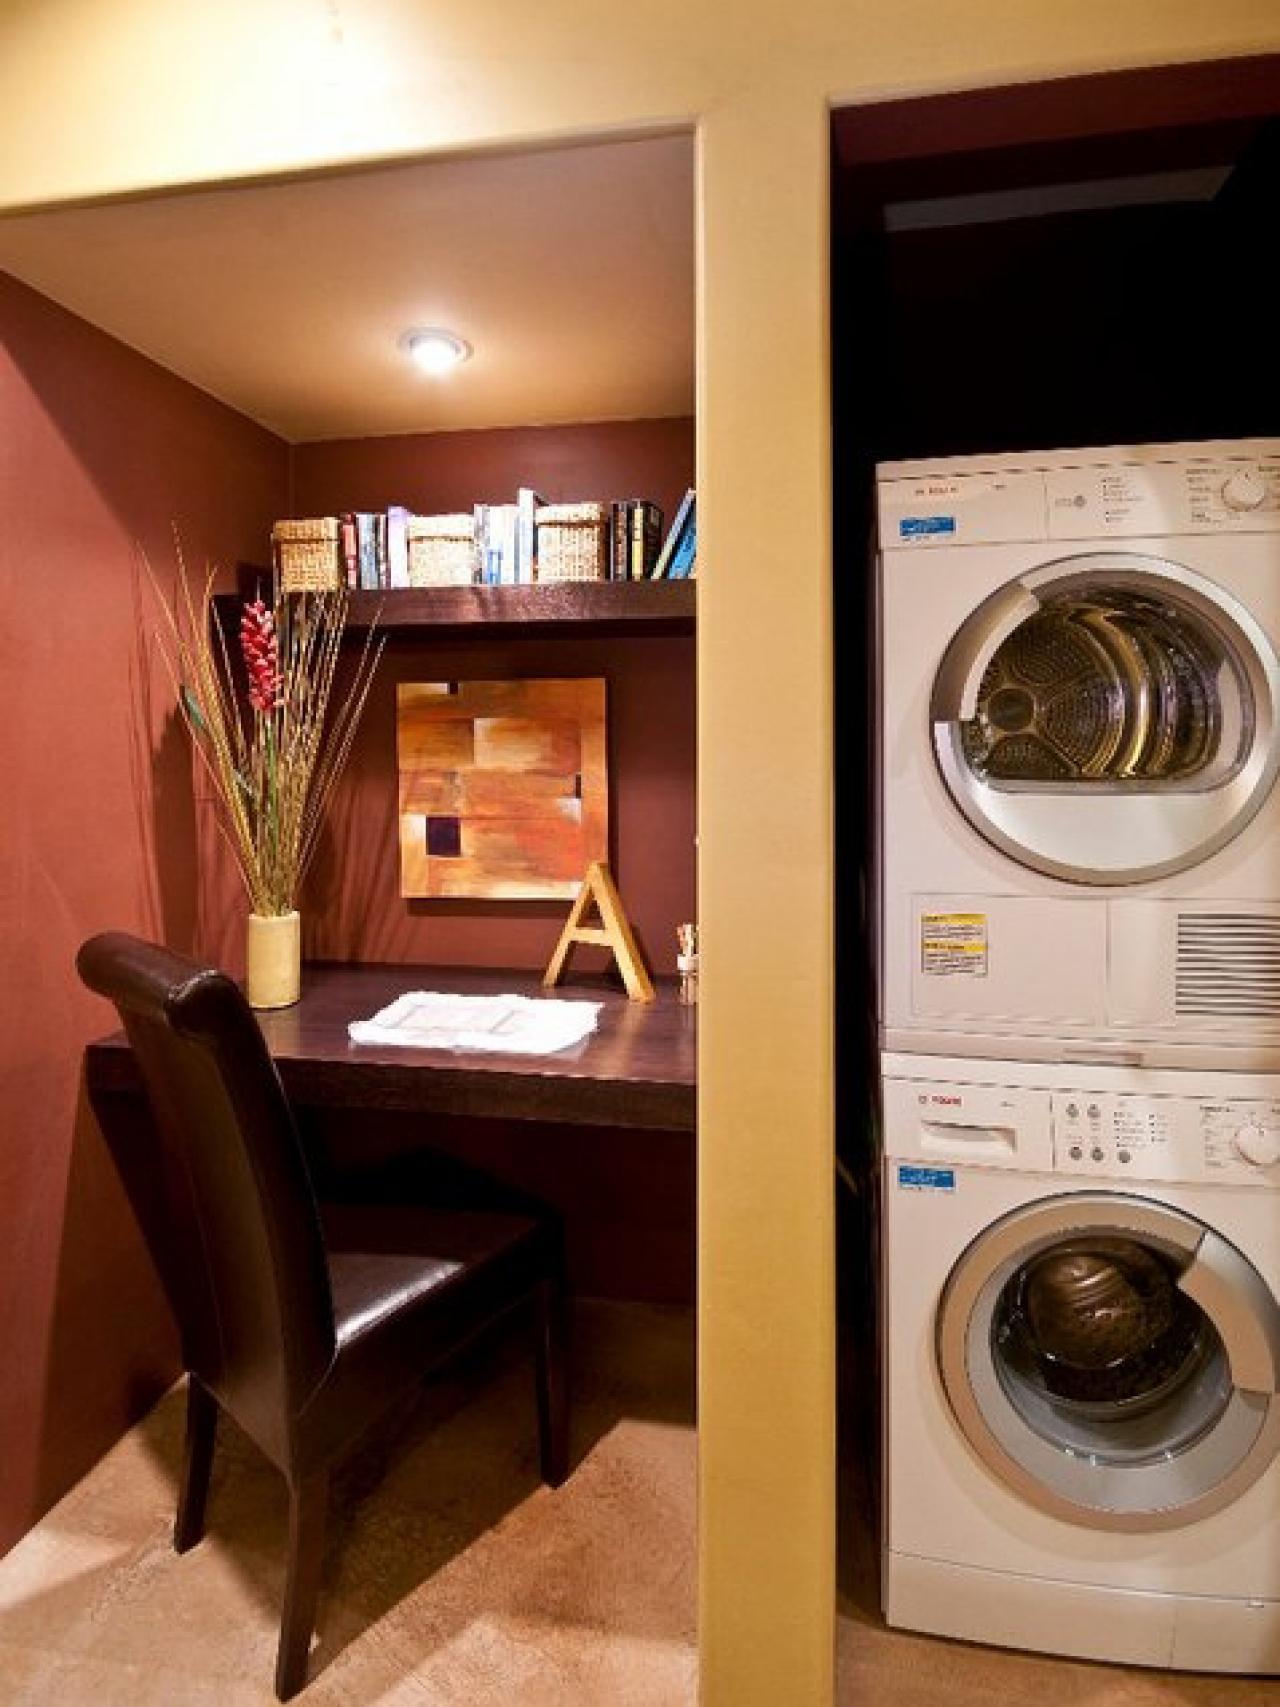 Даже в маленькой прачечной можно выделить немного места для домашнего офиса.